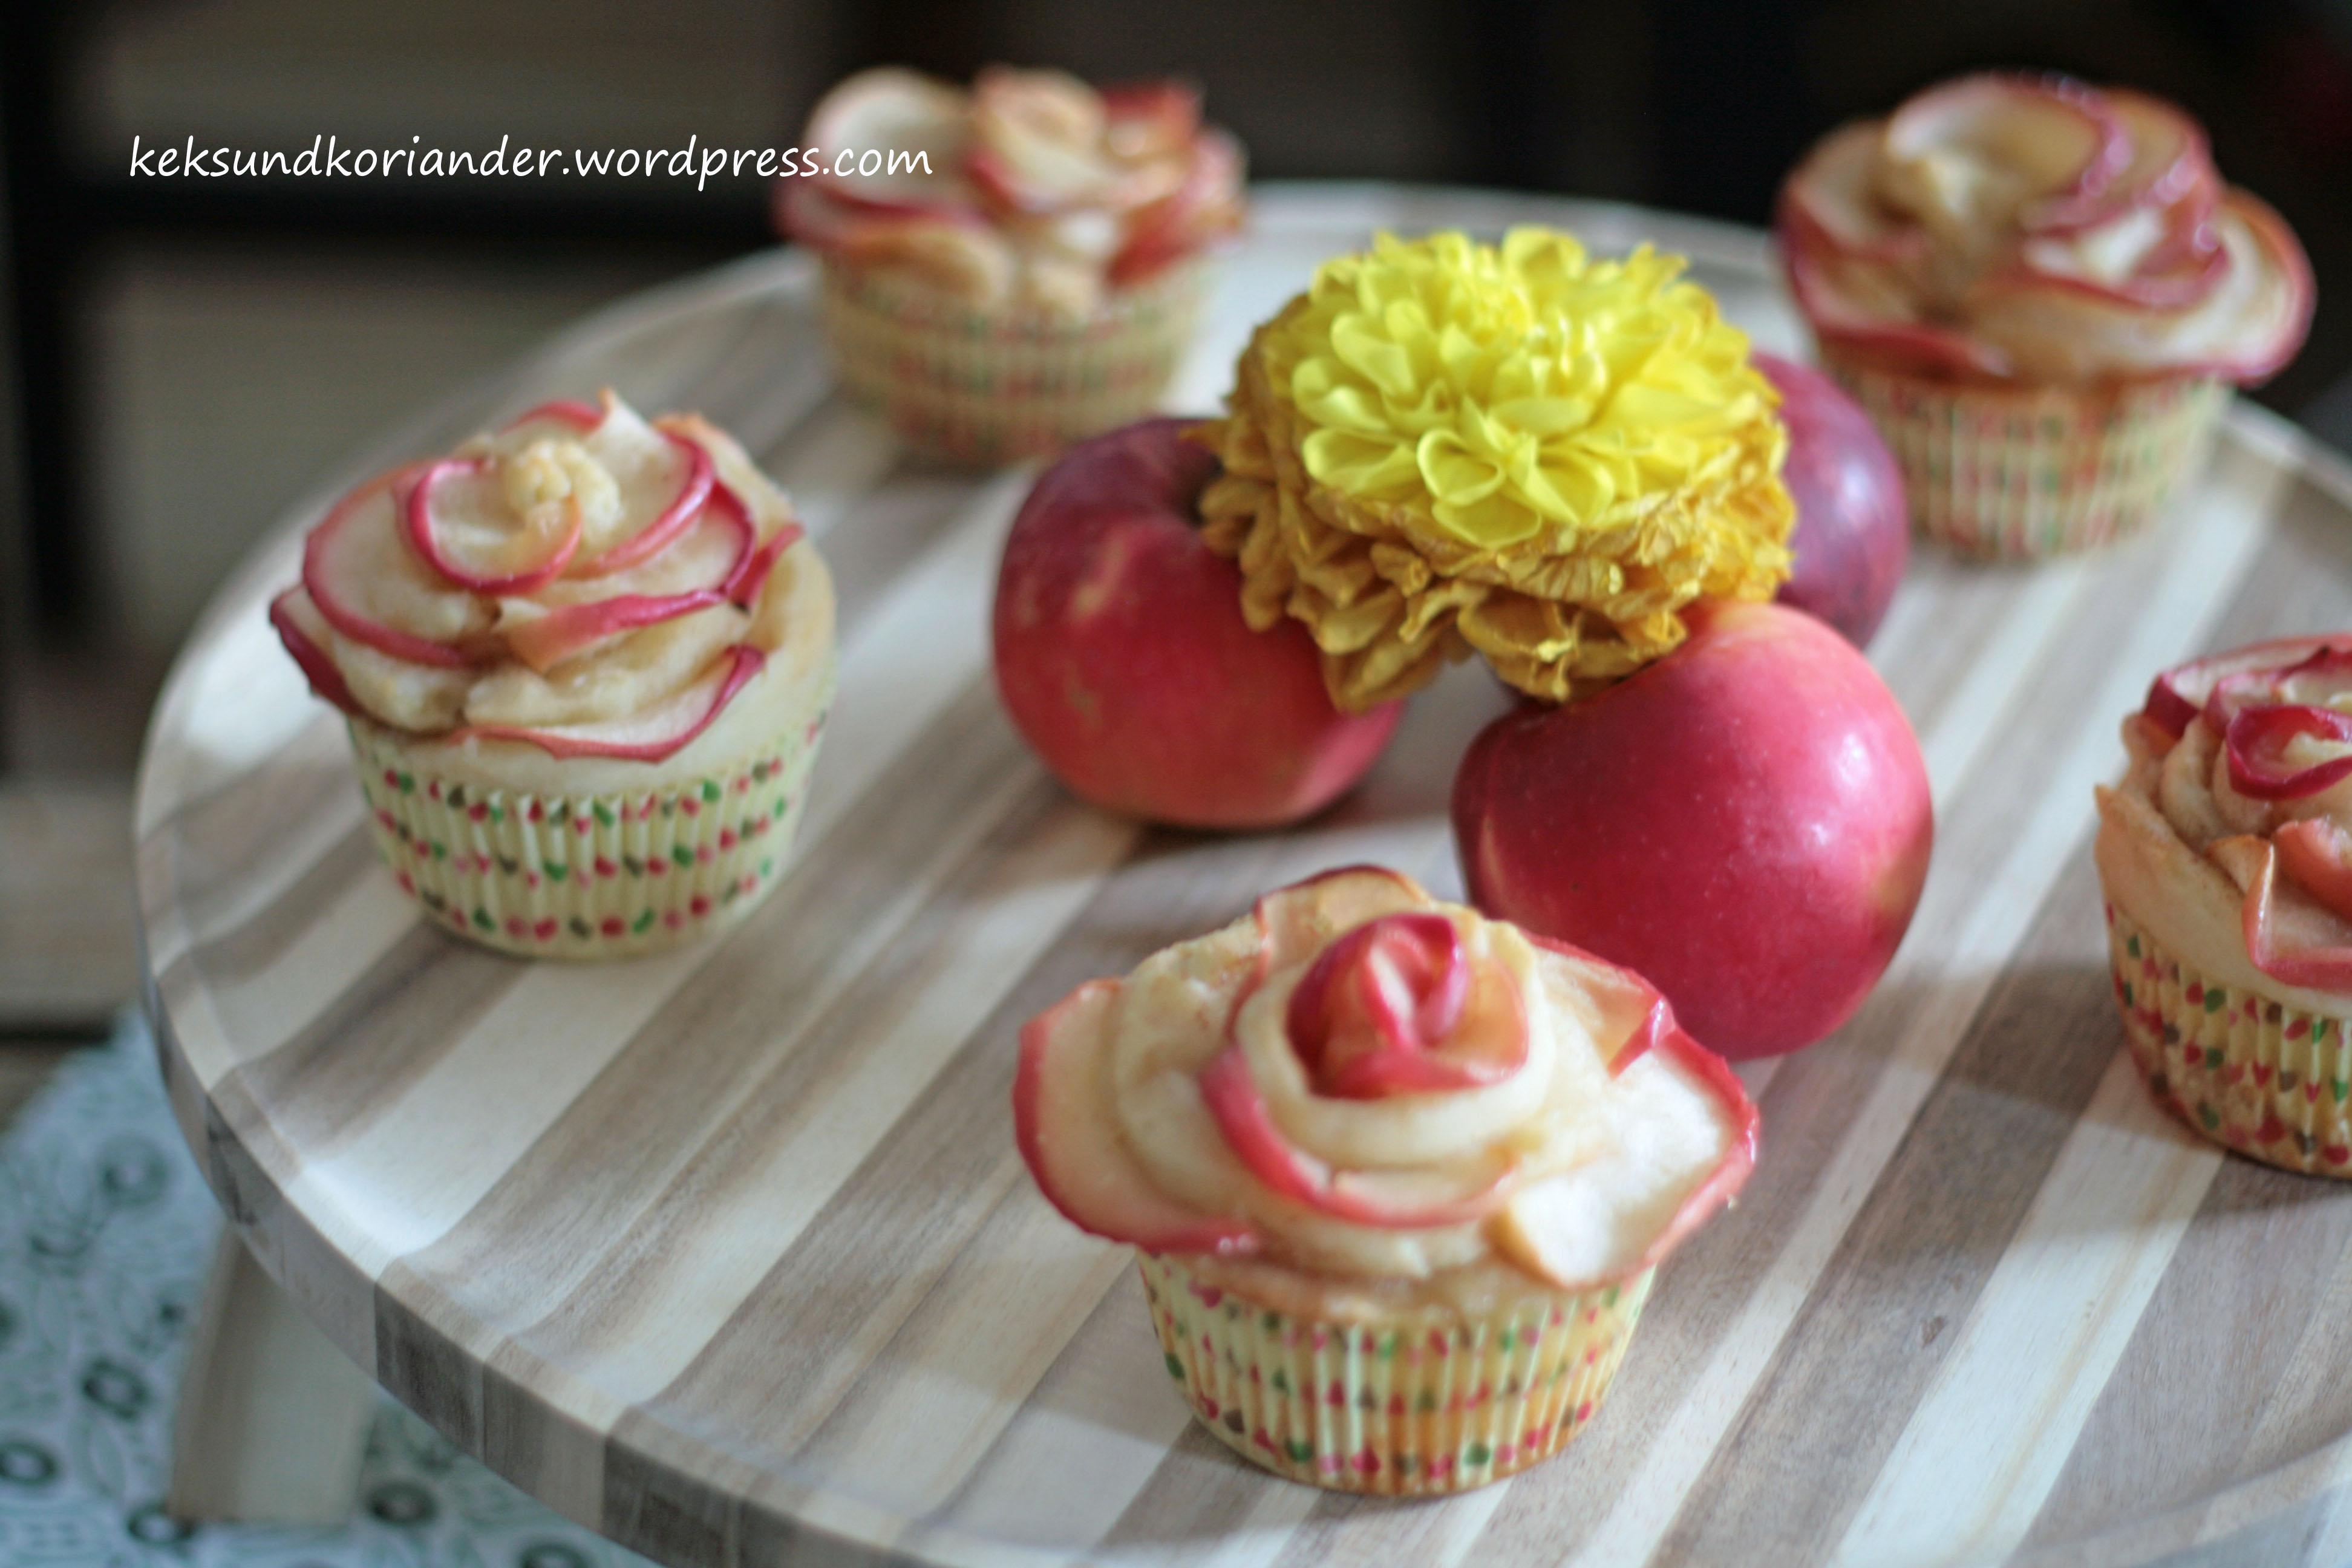 Apfelblumen Muffins Schnecken Joghurt-Öl-Teig Zimt5